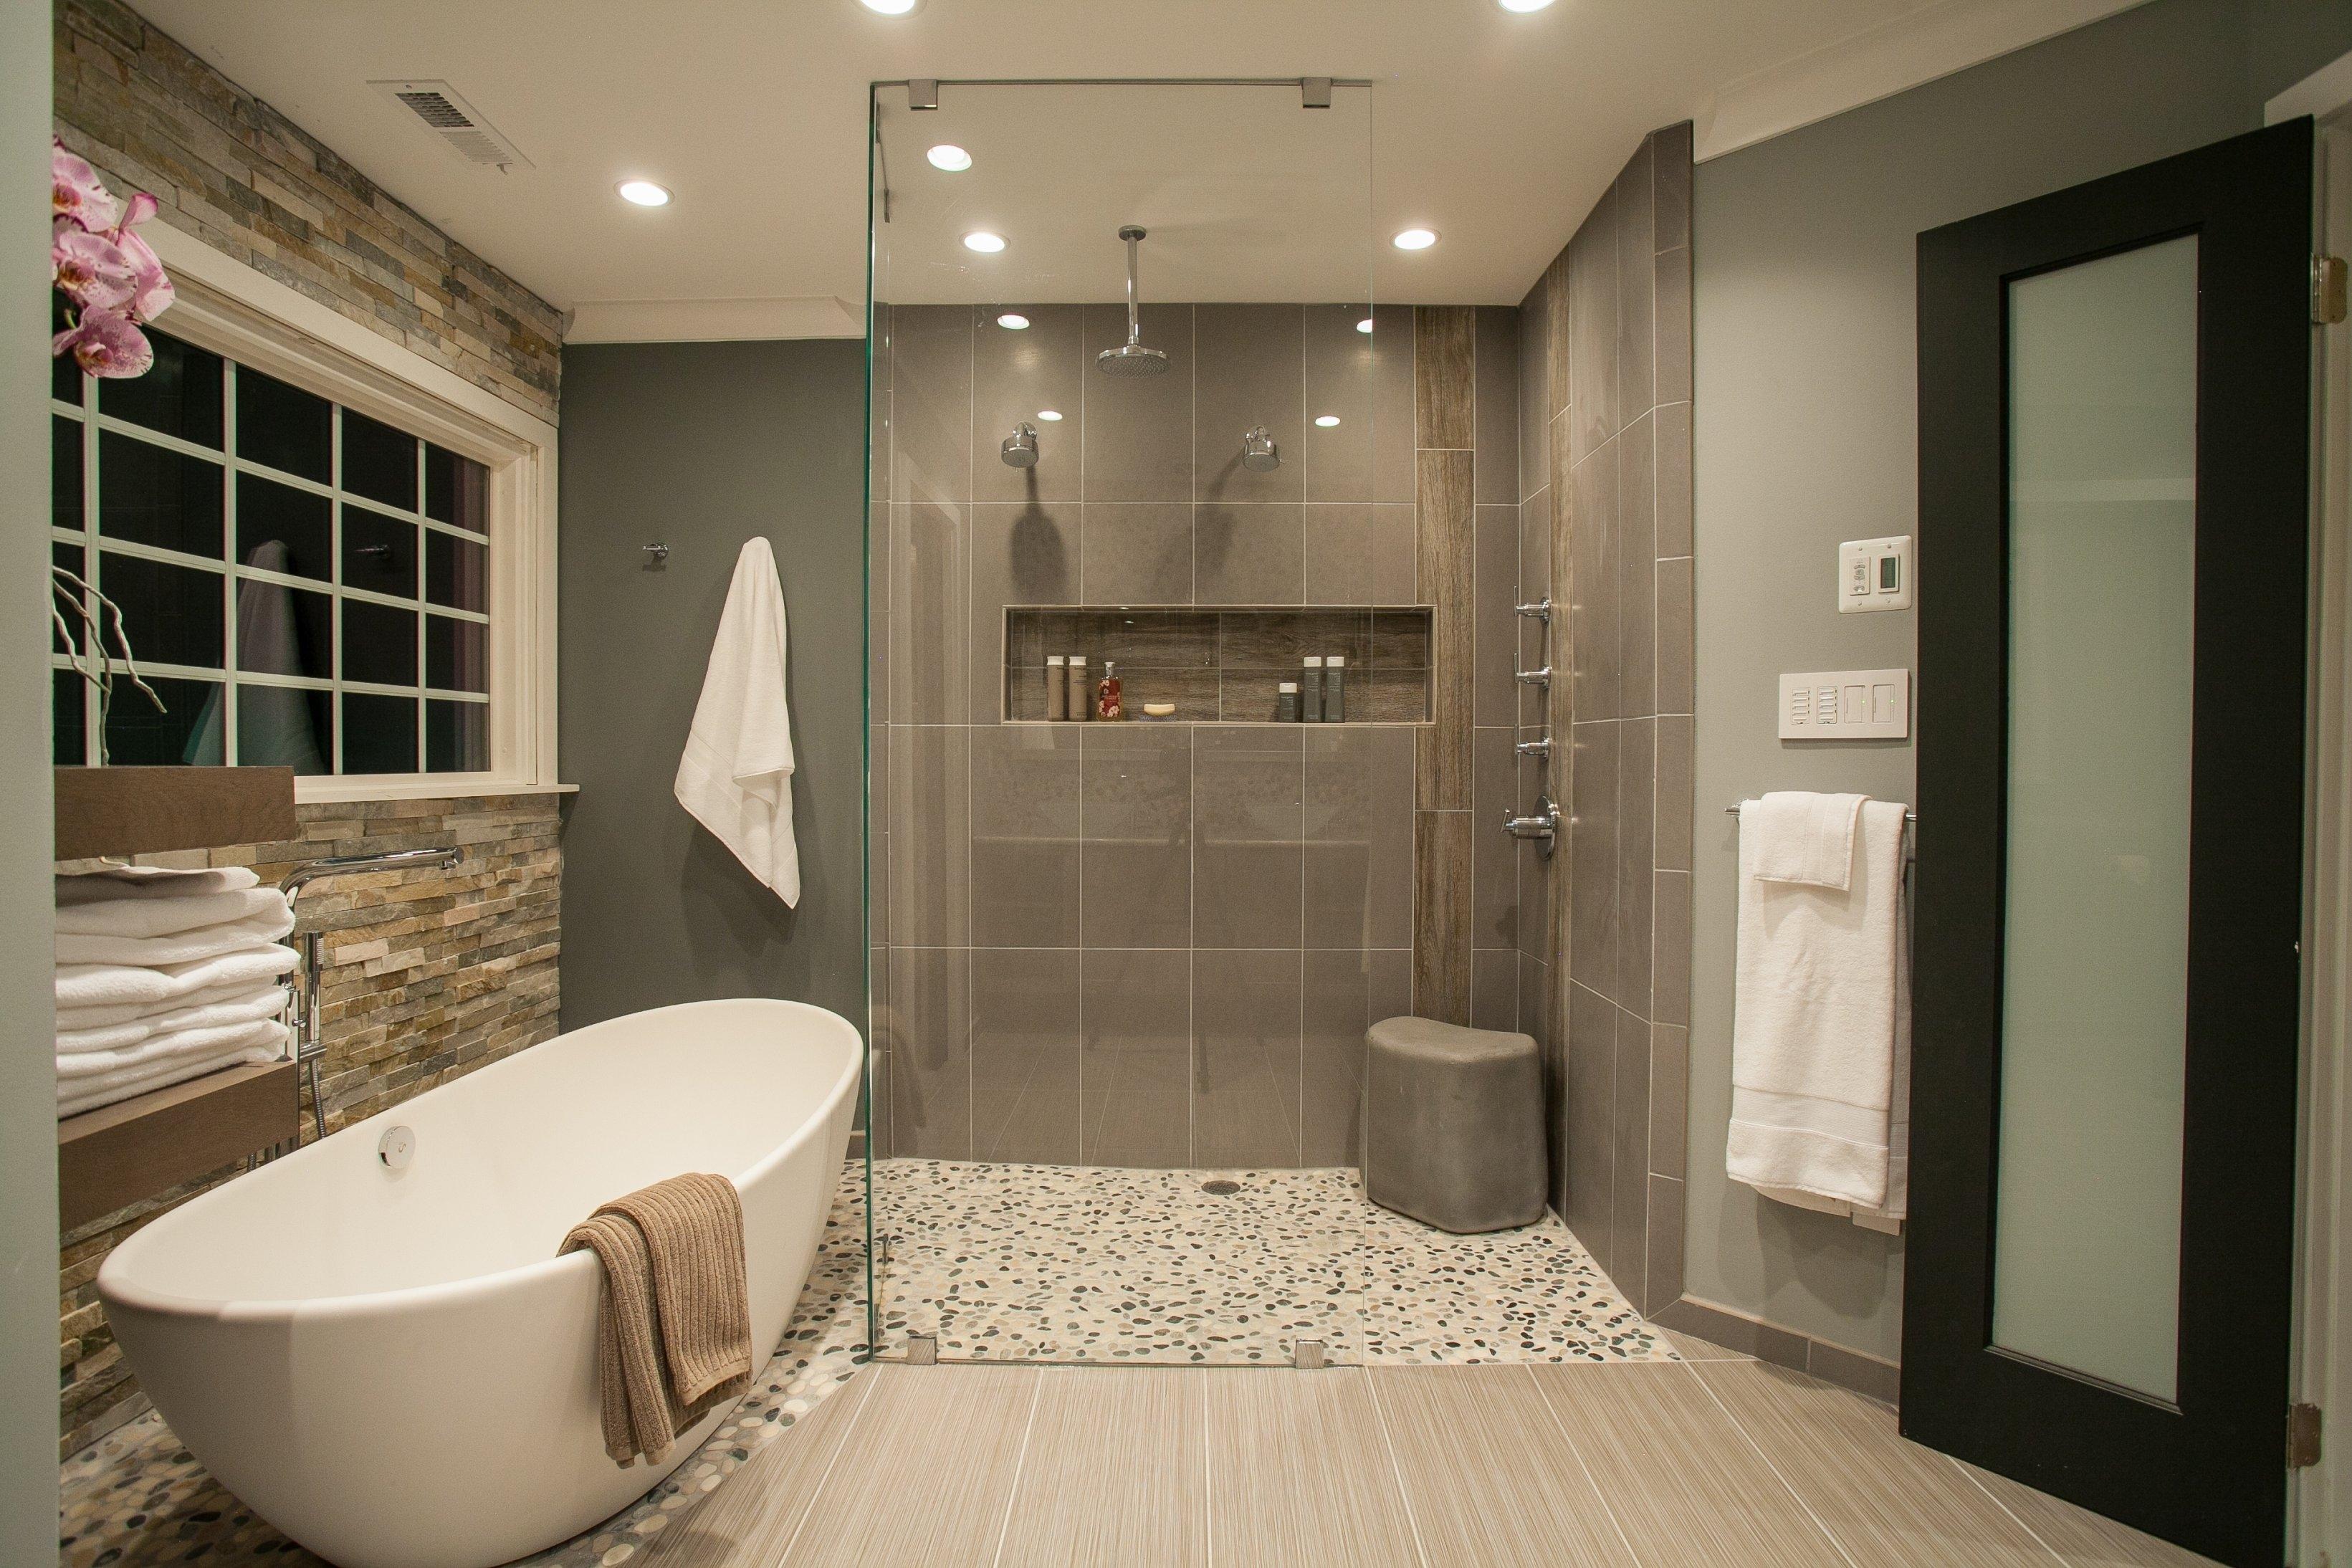 spa bathroom gallery photo - 8